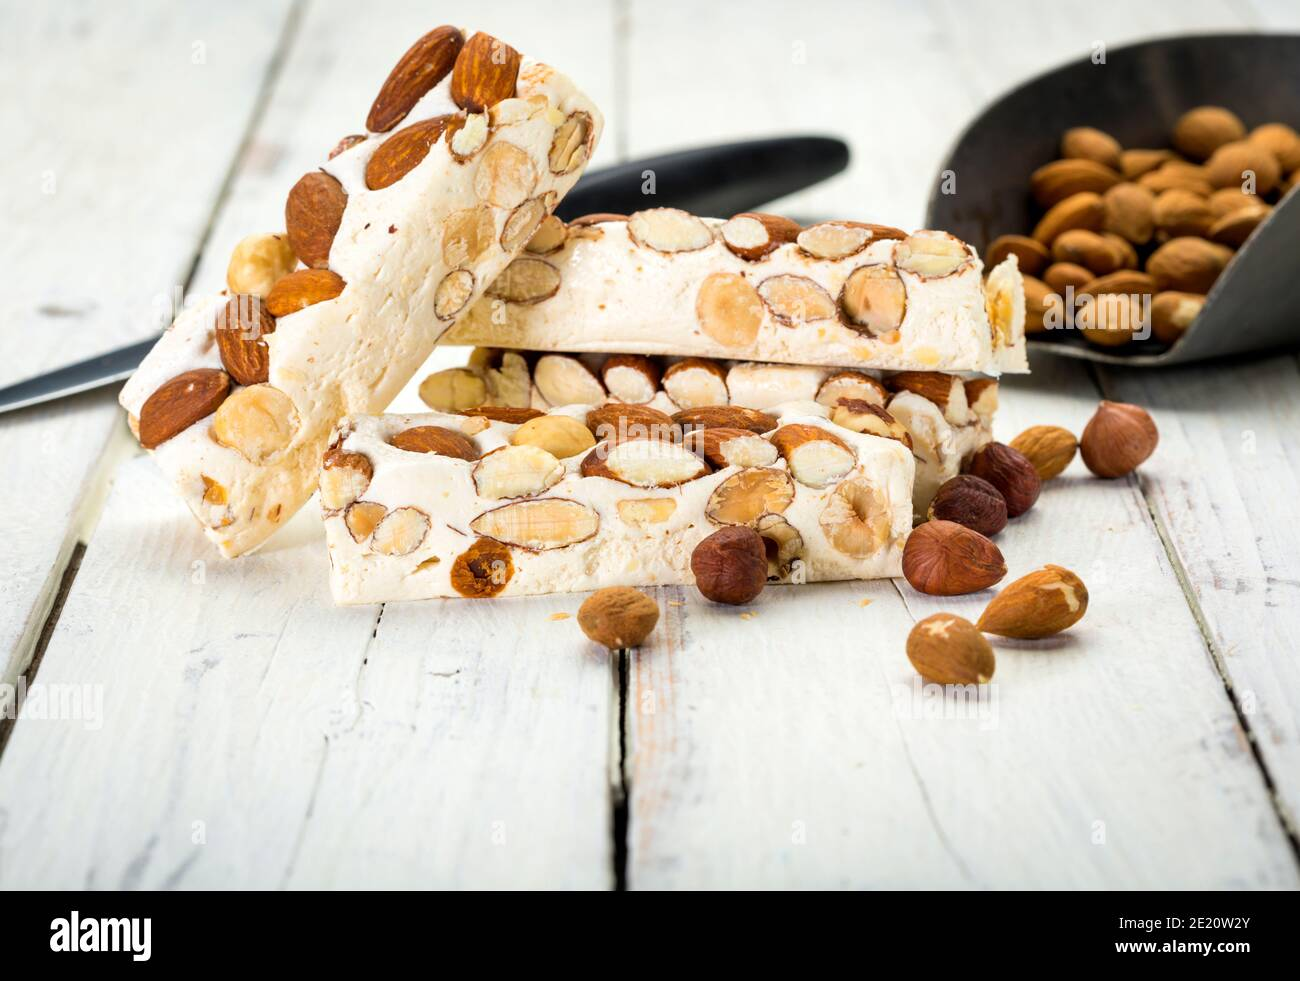 Turron-Blöcke mit Mandeln und Haselnüssen auf rustikalem Holztisch Mit Messer und Schaufel Stockfoto